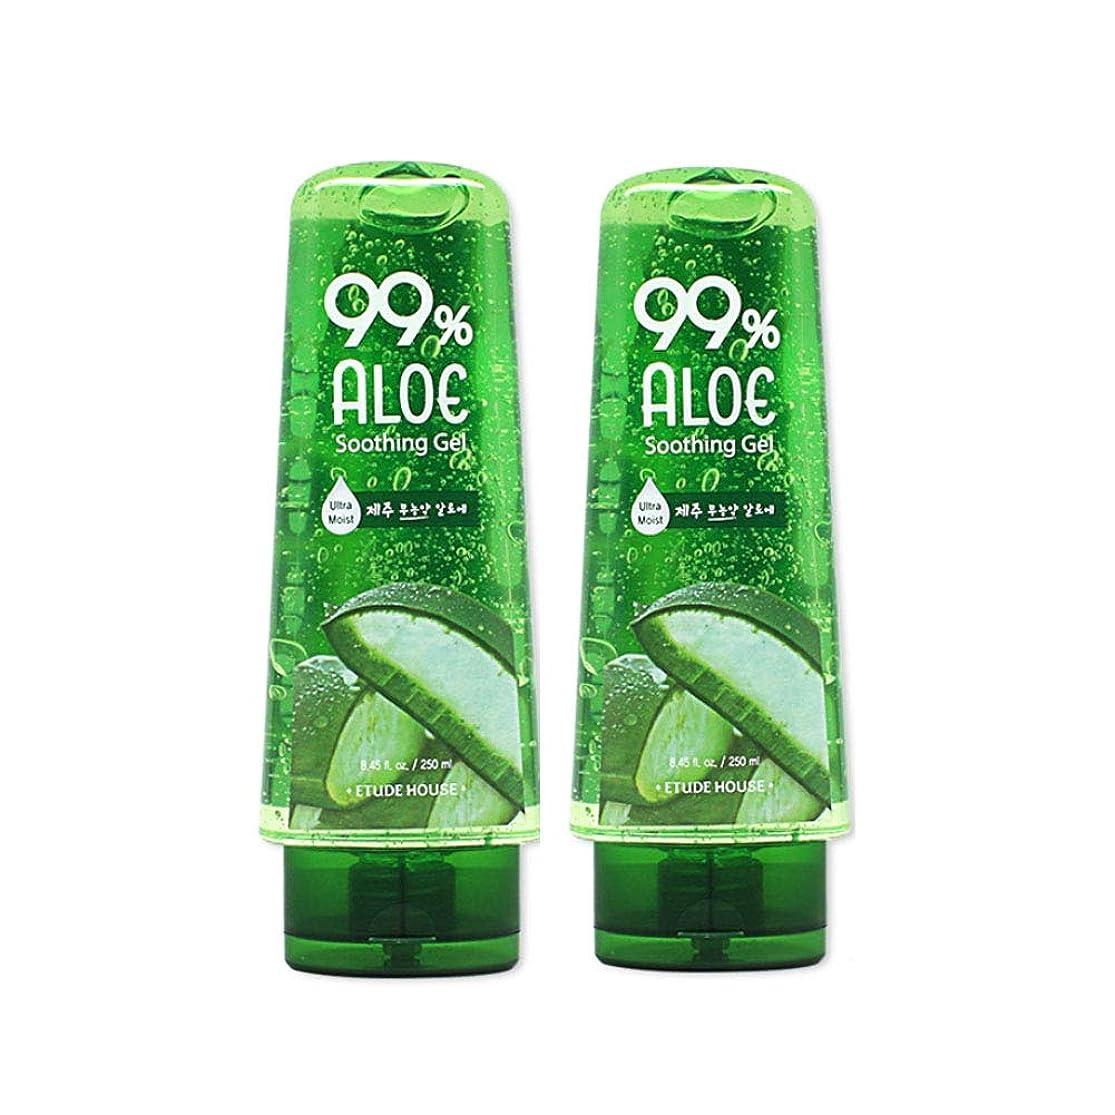 足音ヒットペンスエチュードハウス99%アロエスージングジェル250mlx2本セット韓国コスメ、Etude House 99% Aloe Soothing Gel 250ml x 2ea Set Korean Cosmetics [並行輸入品]